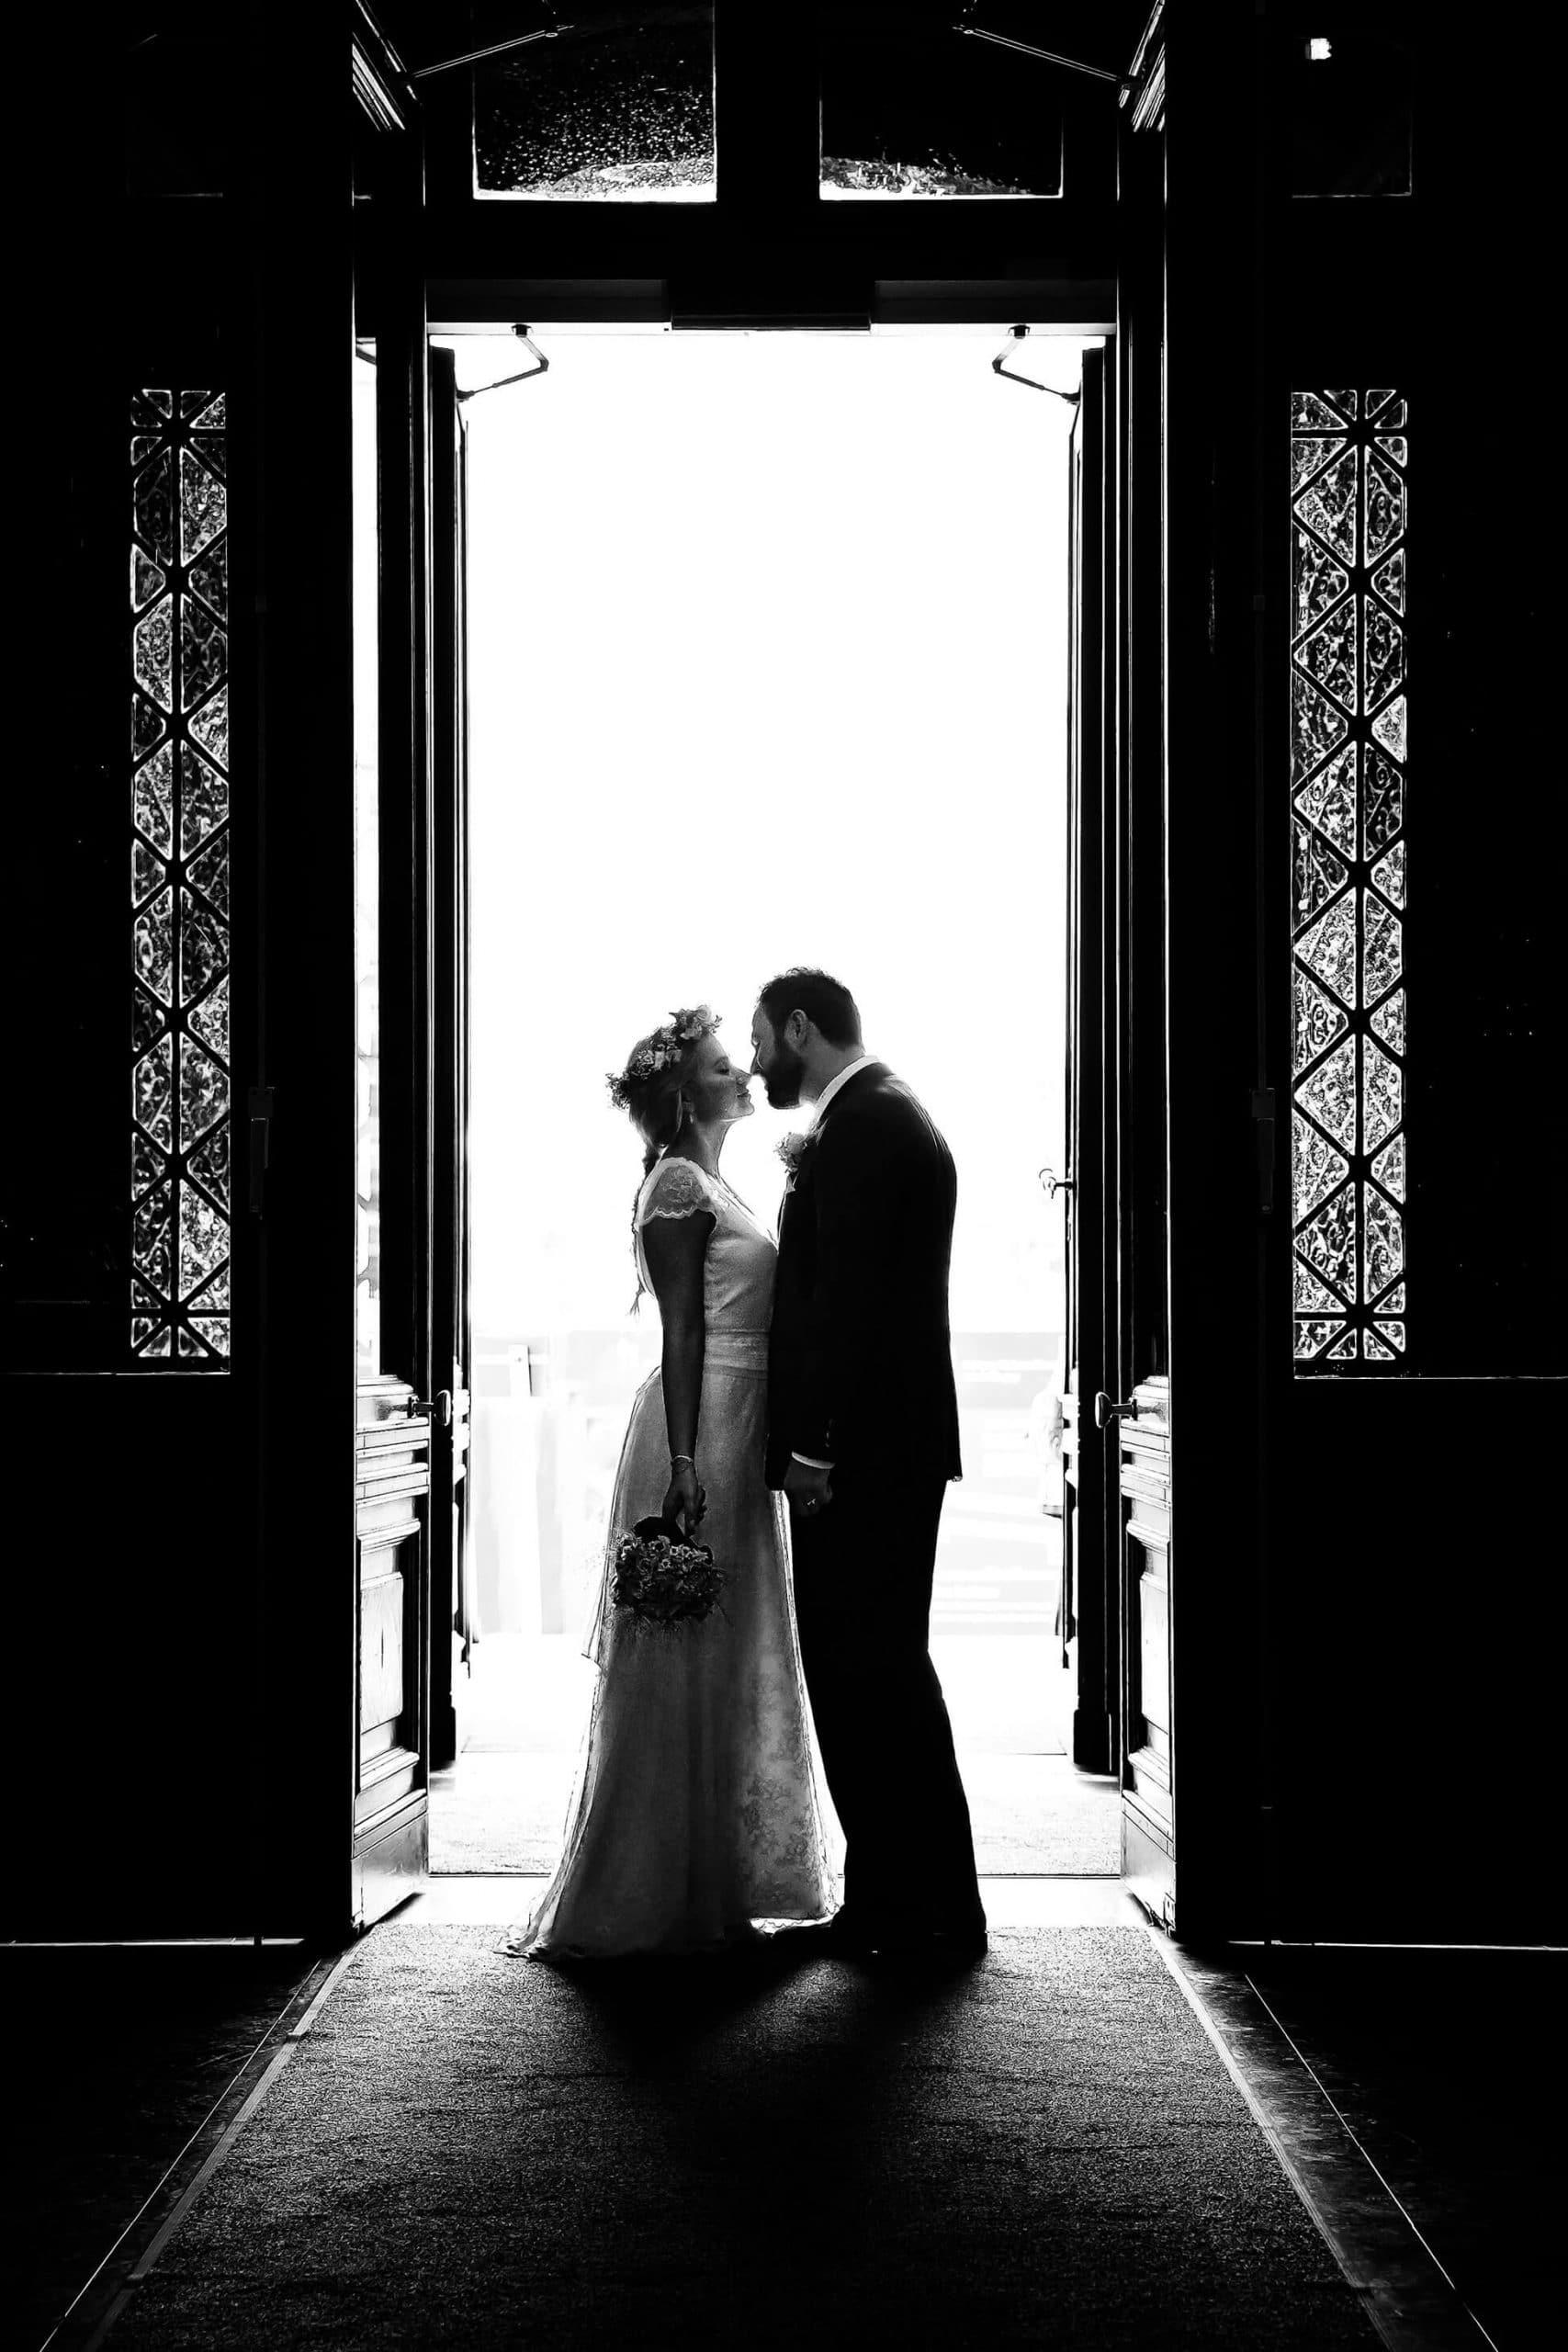 Hochzeitsfoto von Baumann Stephan Photography